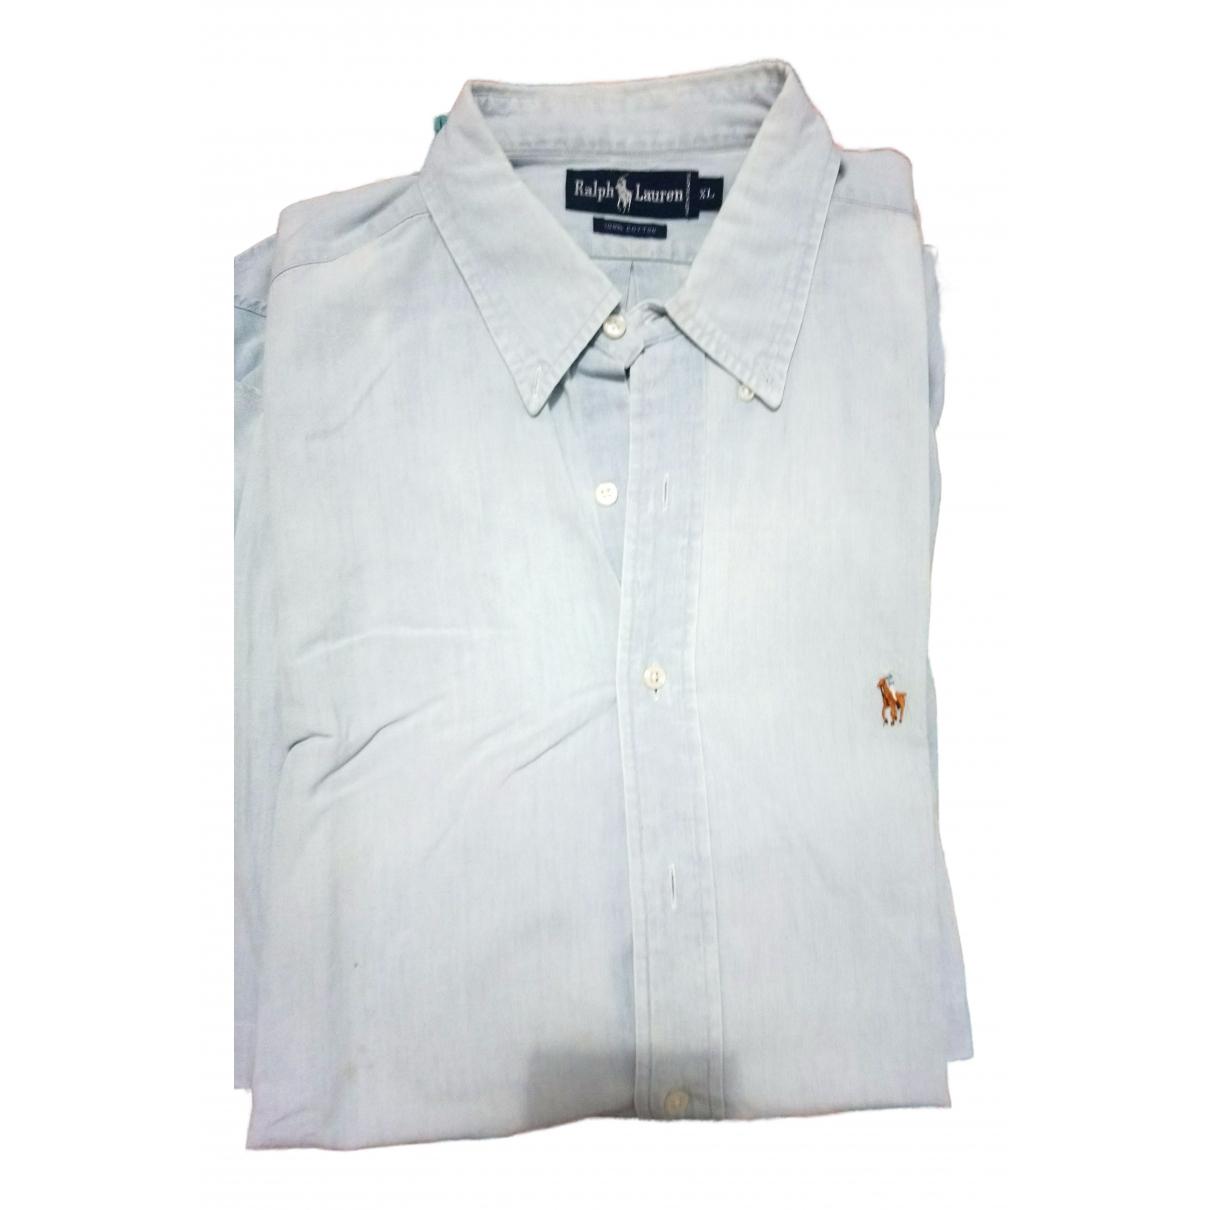 Polo Ralph Lauren N Blue Shirts for Men XL International